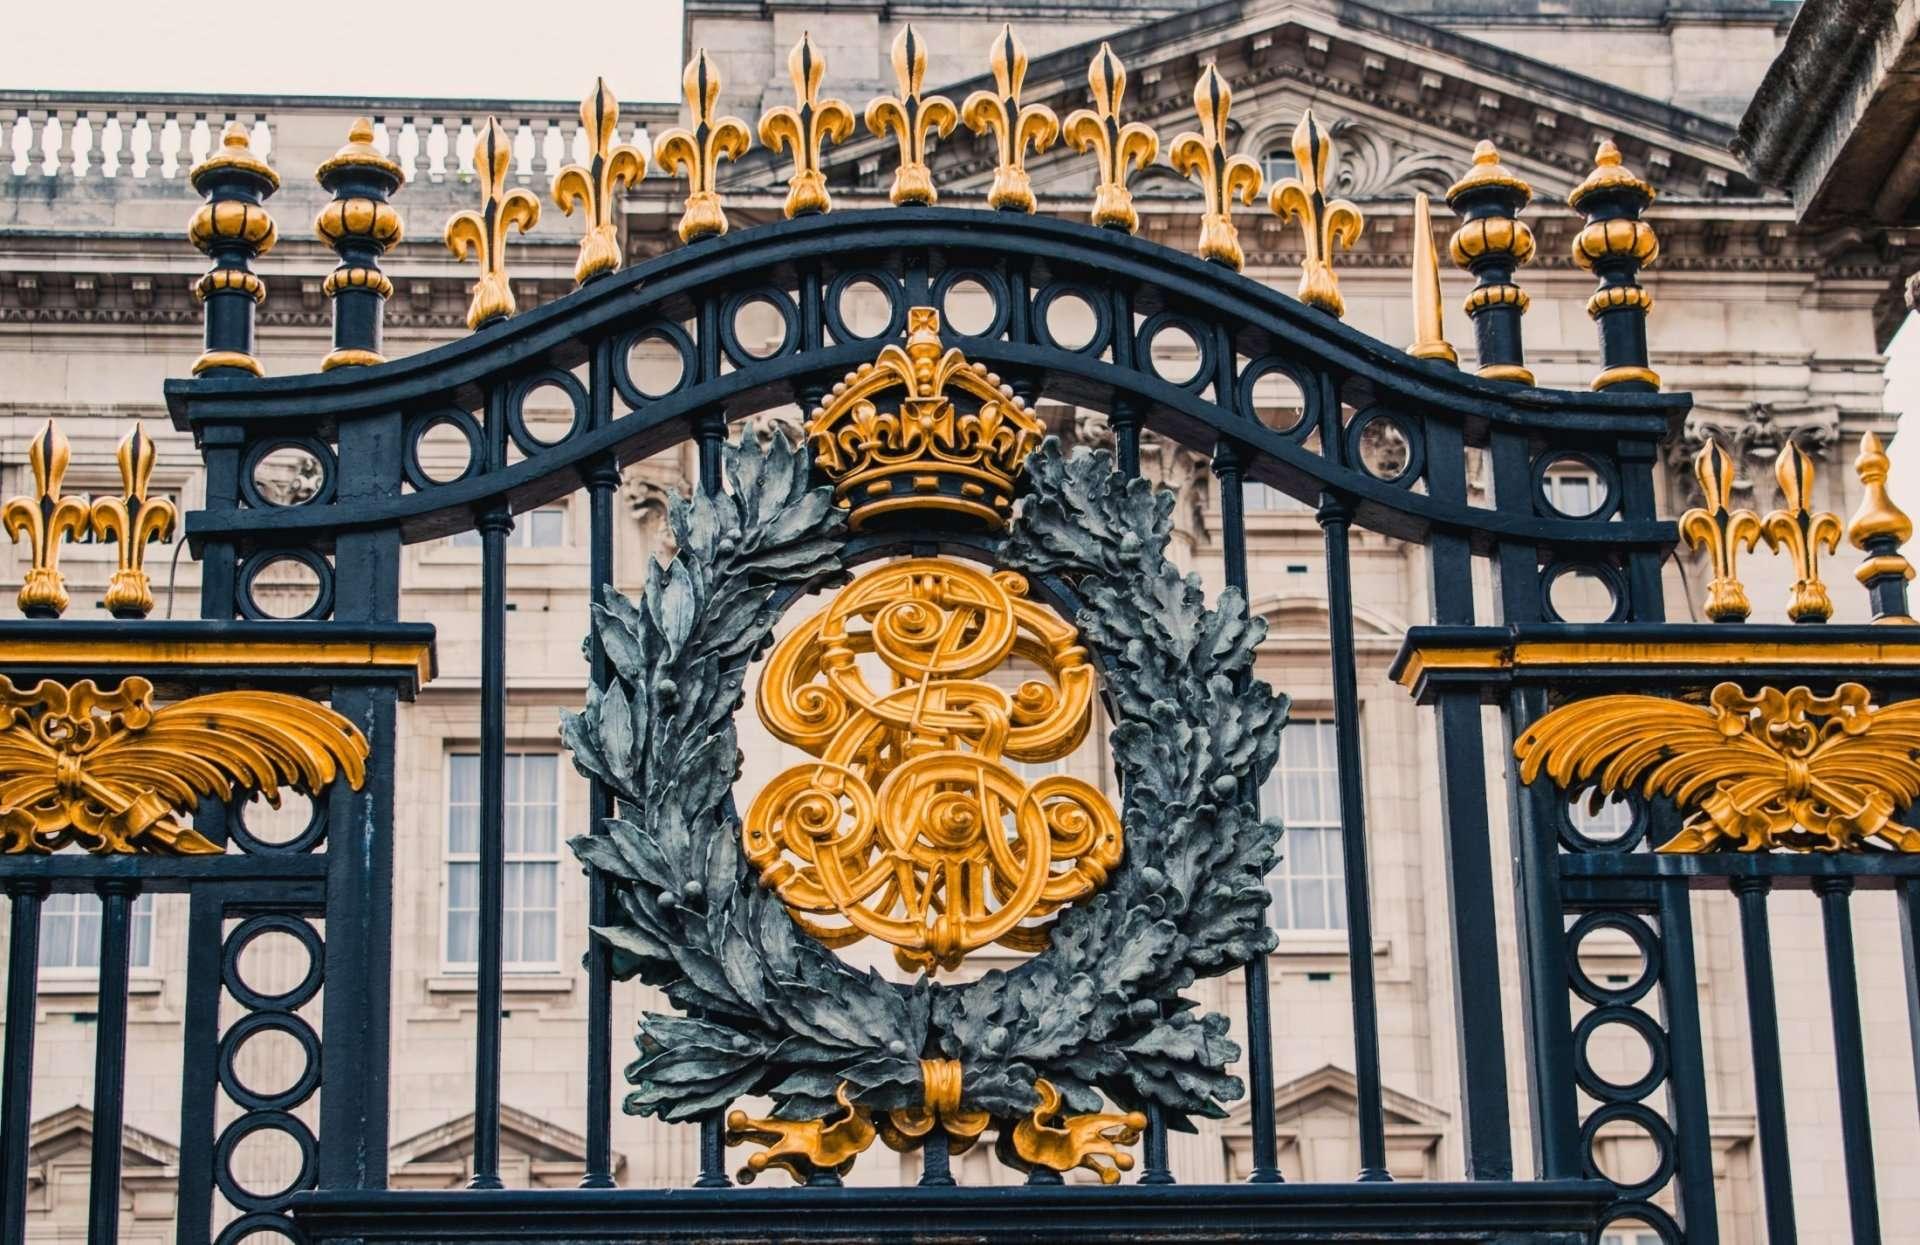 architecture of the Buckingham Palace Gates